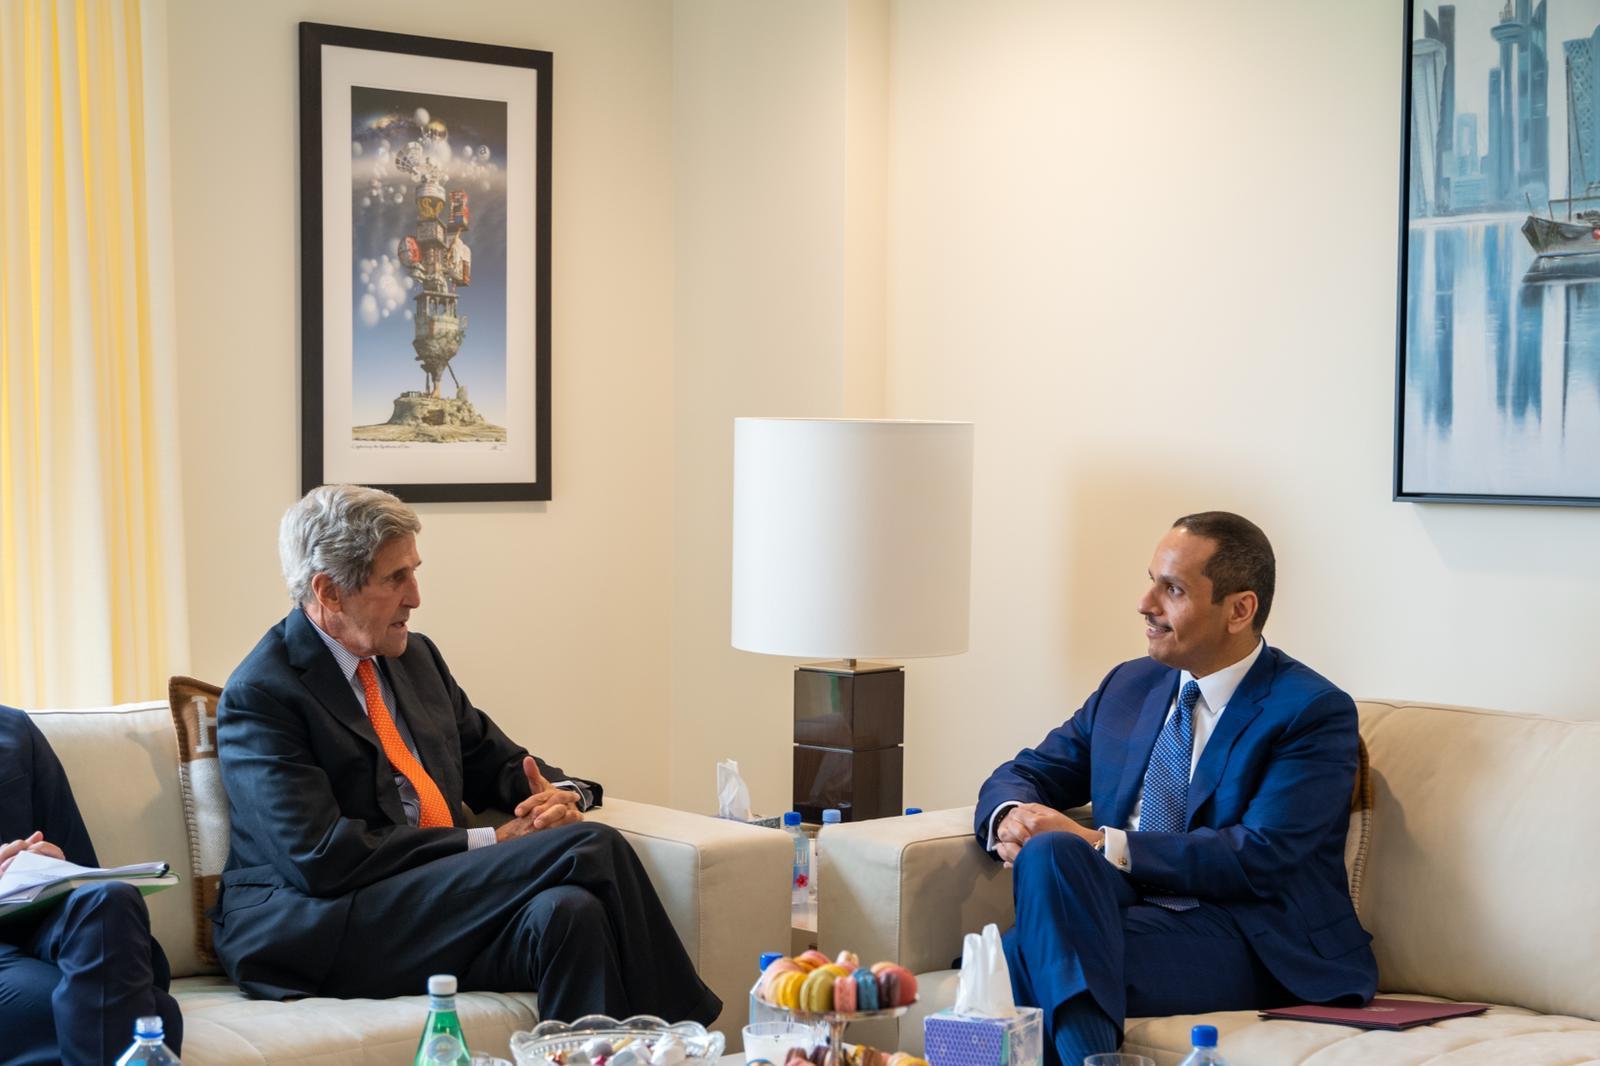 نائب رئيس مجلس الوزراء وزير الخارجية يجتمع مع المبعوث الرئاسي الأمريكي الخاص لشؤون المناخ